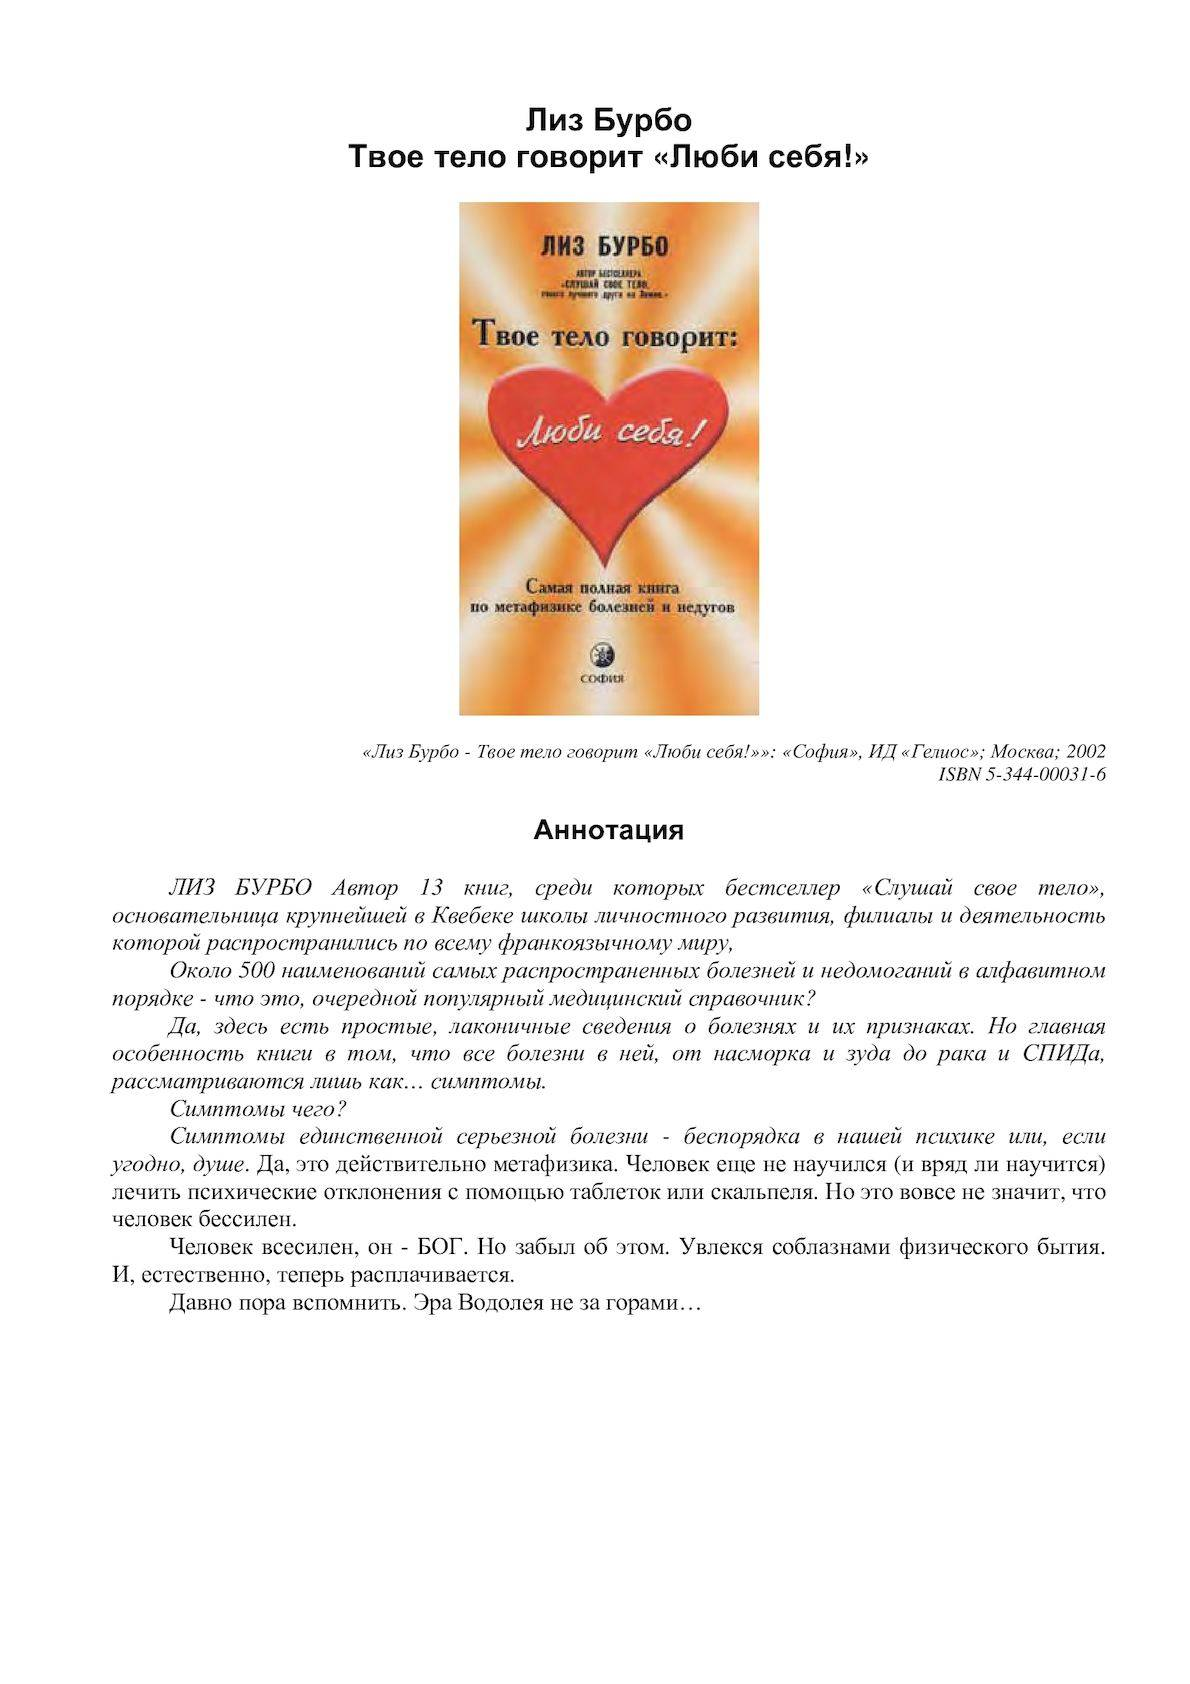 Мимика и жесты: психология поведения человека